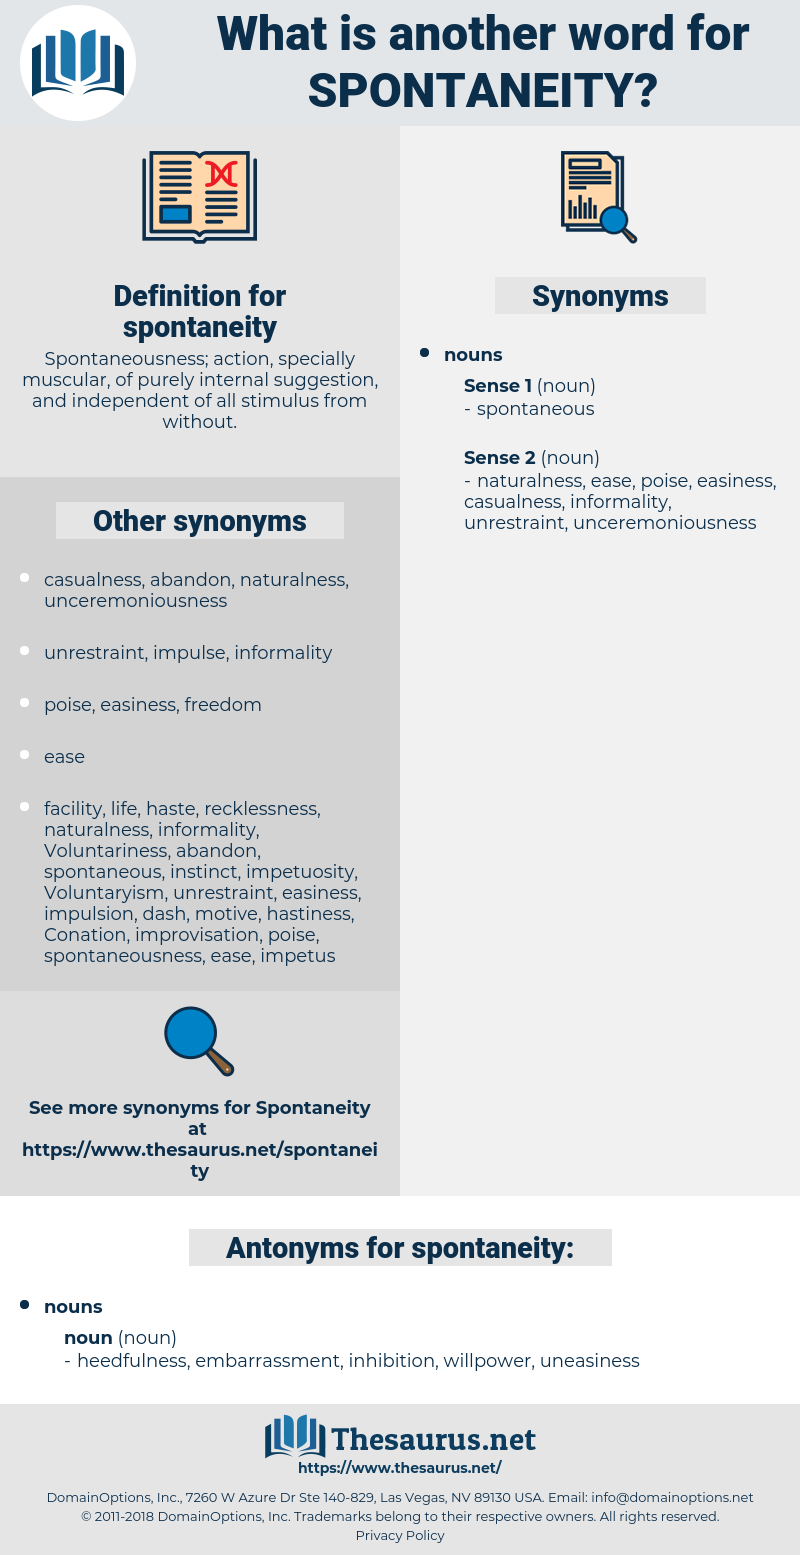 spontaneity, synonym spontaneity, another word for spontaneity, words like spontaneity, thesaurus spontaneity